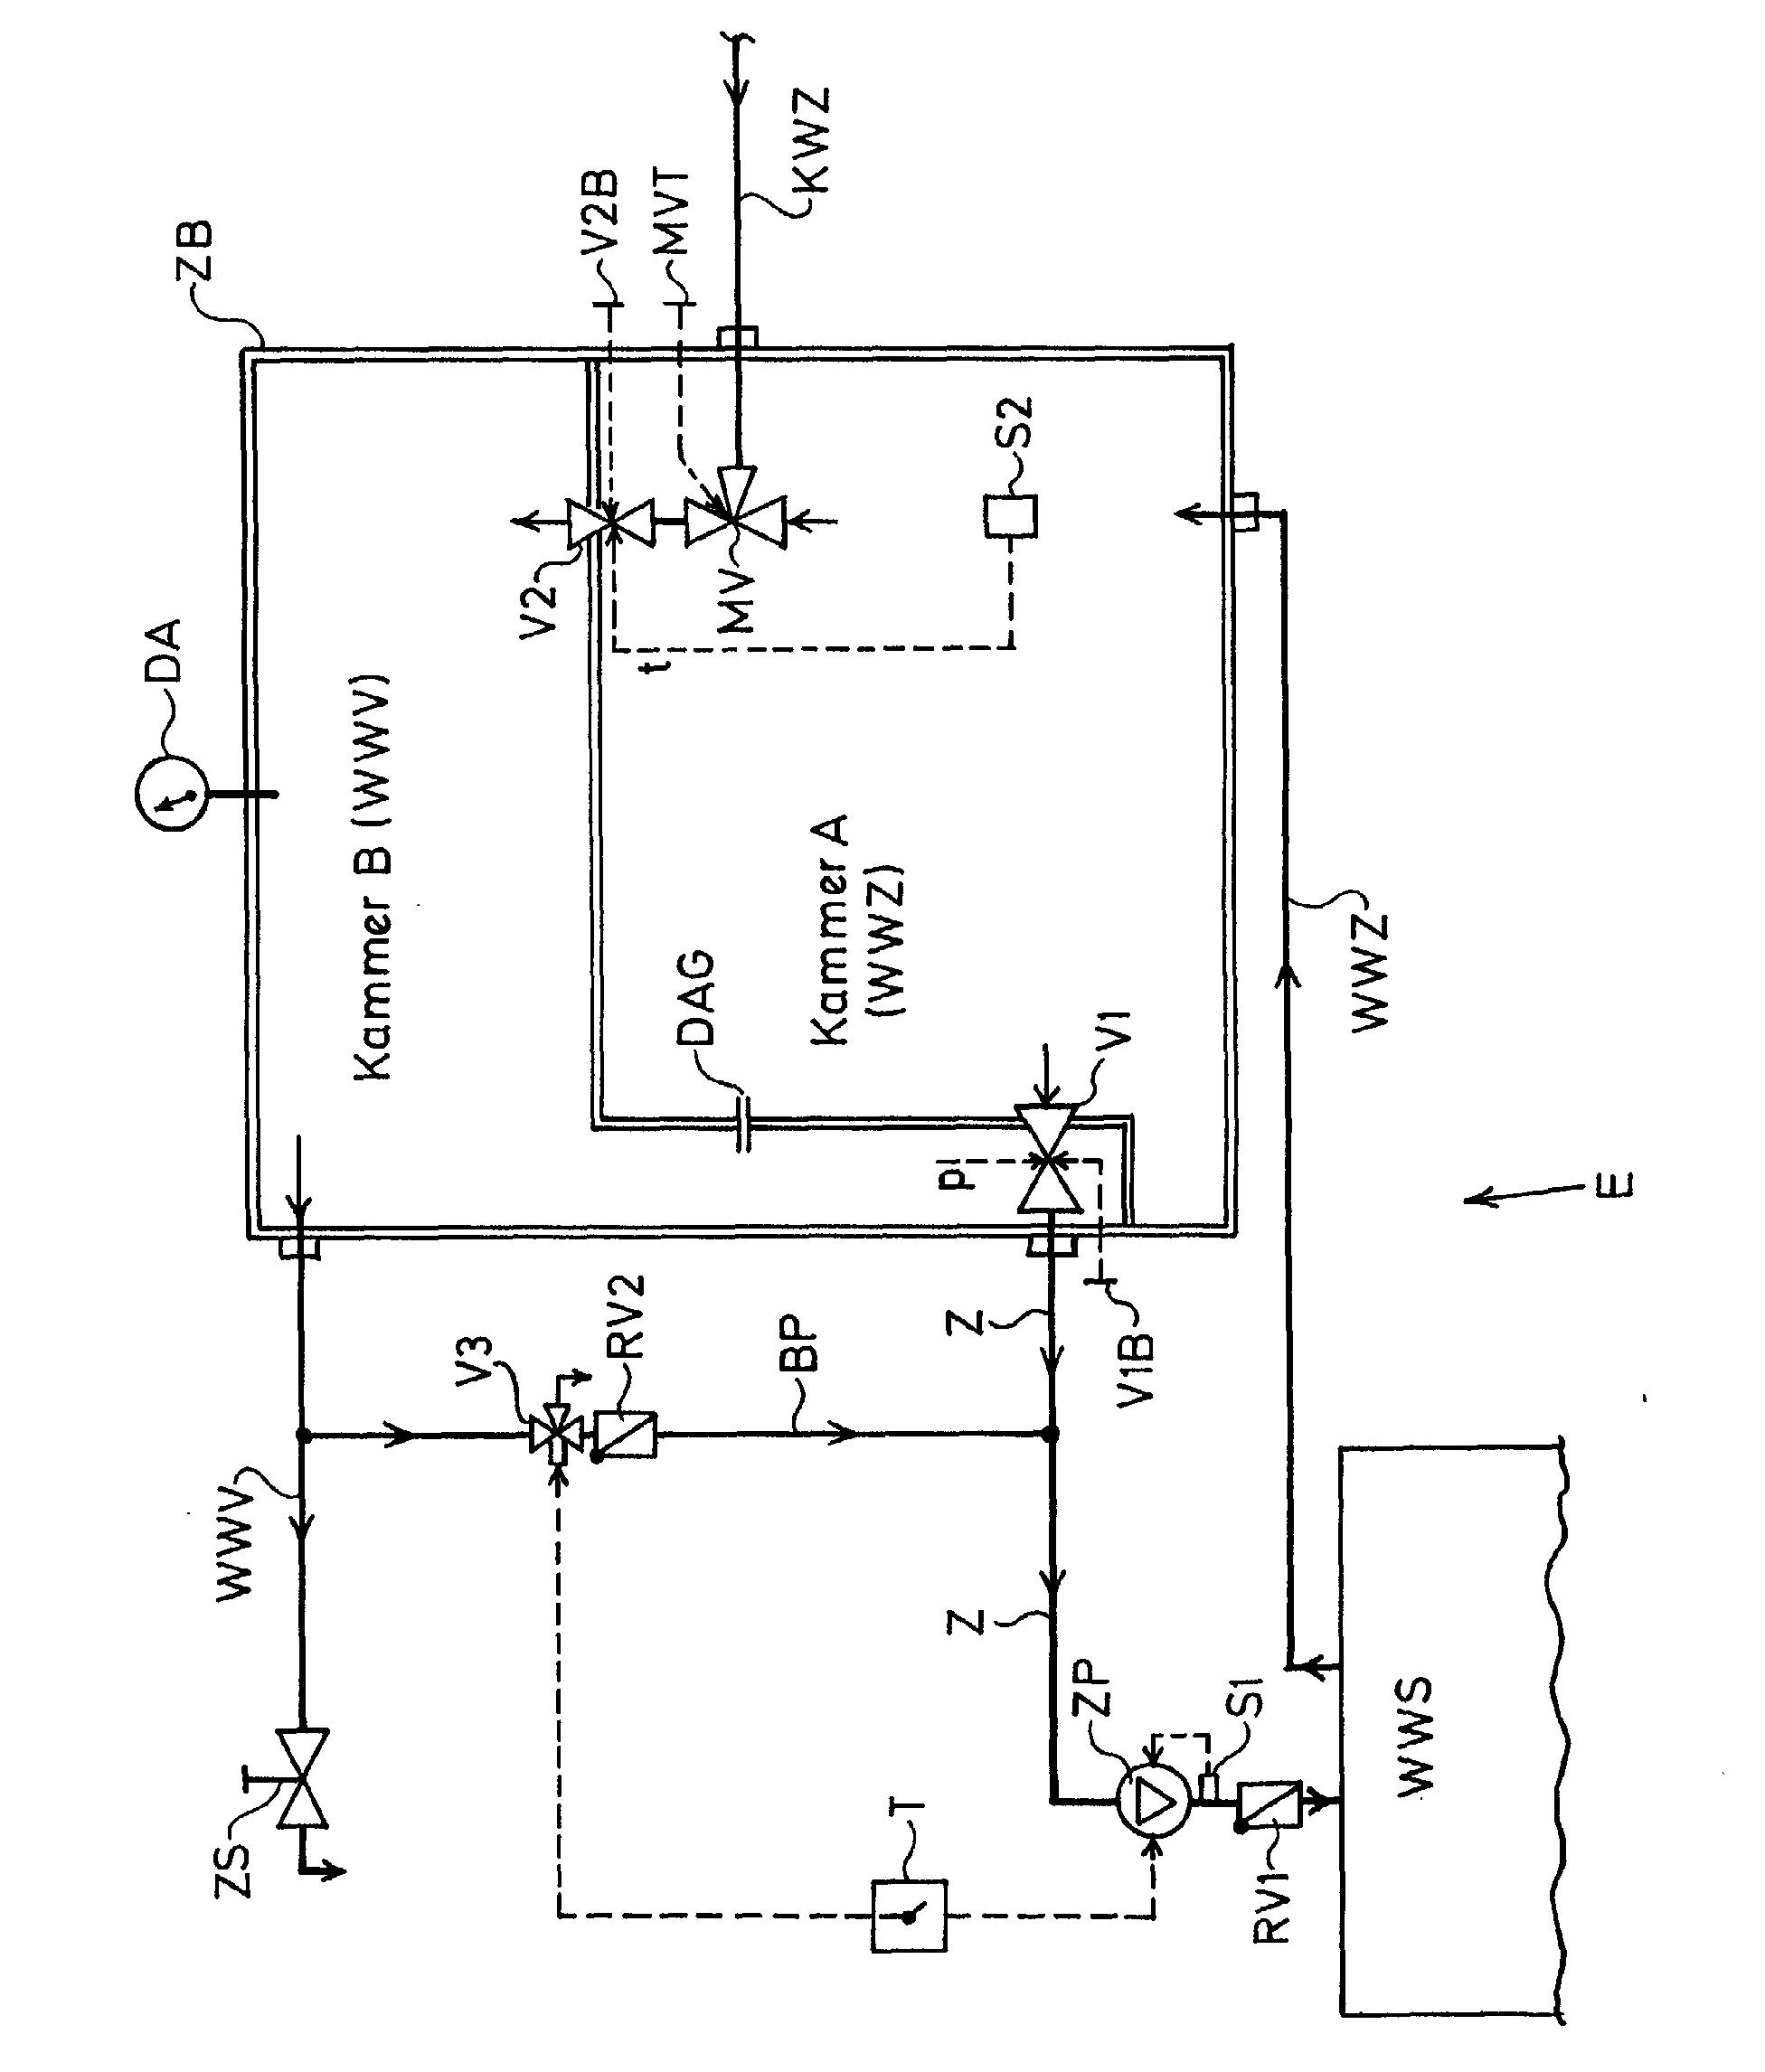 patent ep1217311a2 einrichtung f r die bereitstellung von warmwasser in einer sanit ren. Black Bedroom Furniture Sets. Home Design Ideas